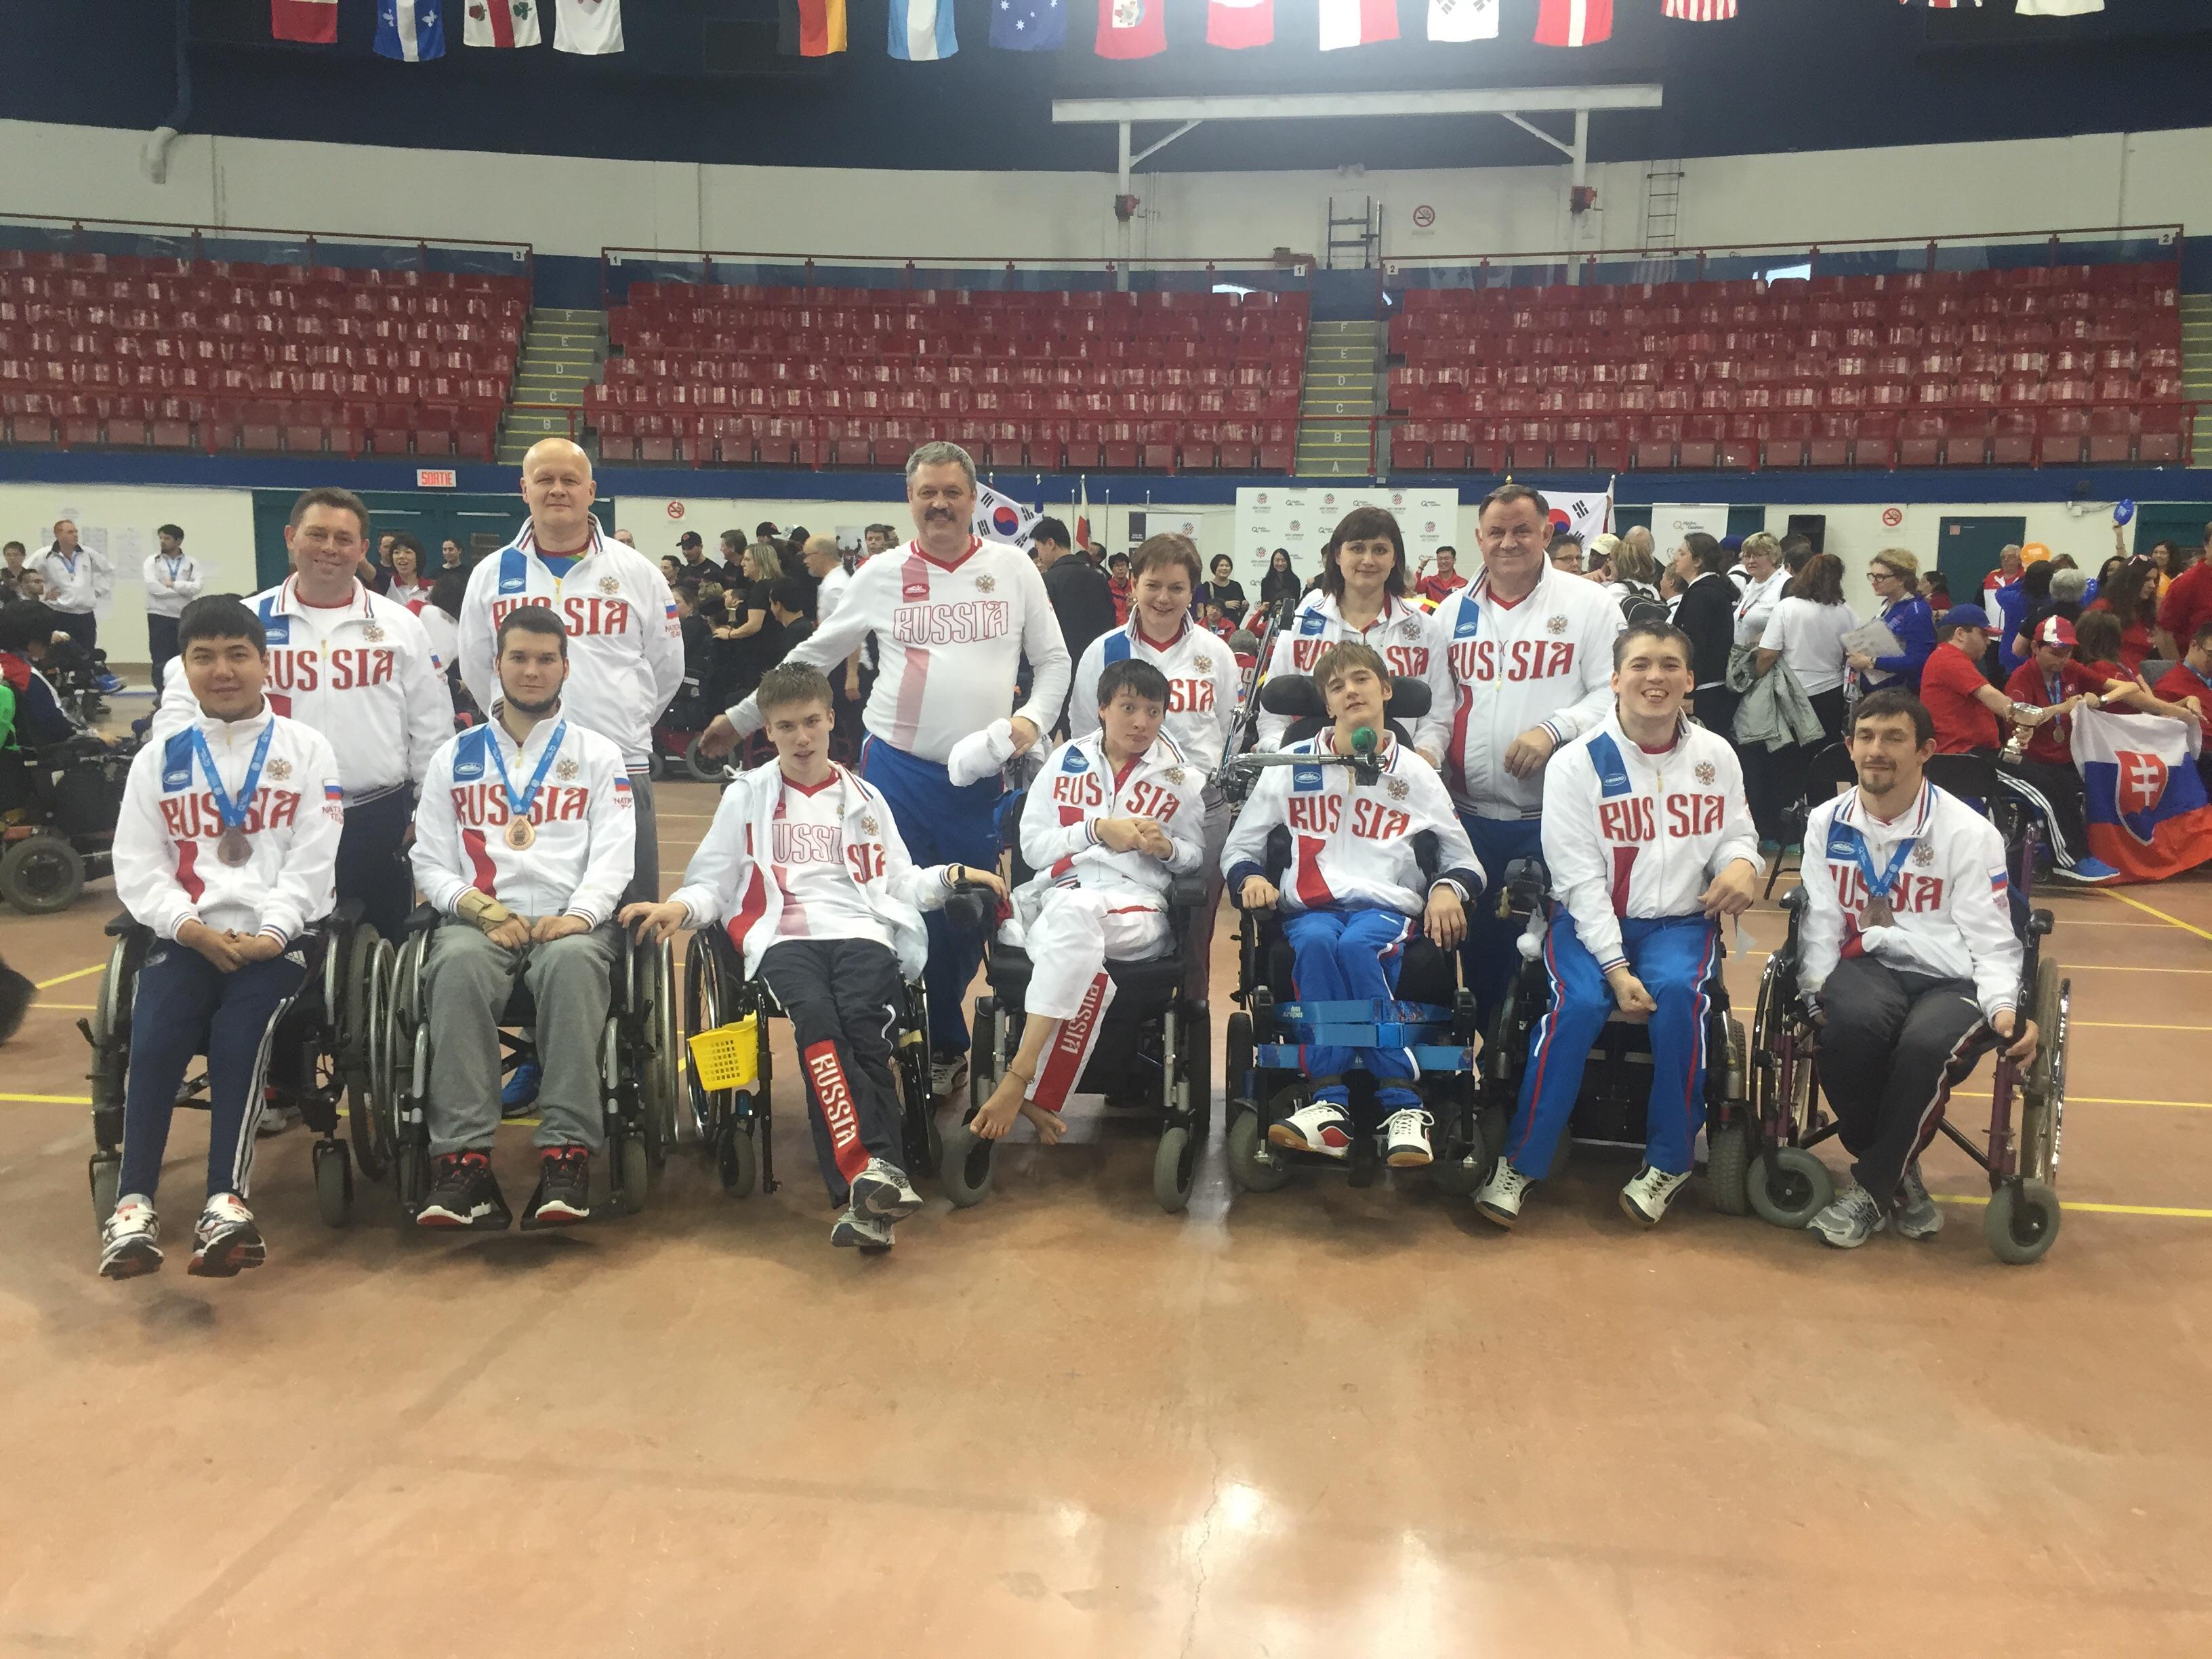 Сборная команда России по бочча завоевала 2 бронзовые медали на международных соревнованиях в Канаде